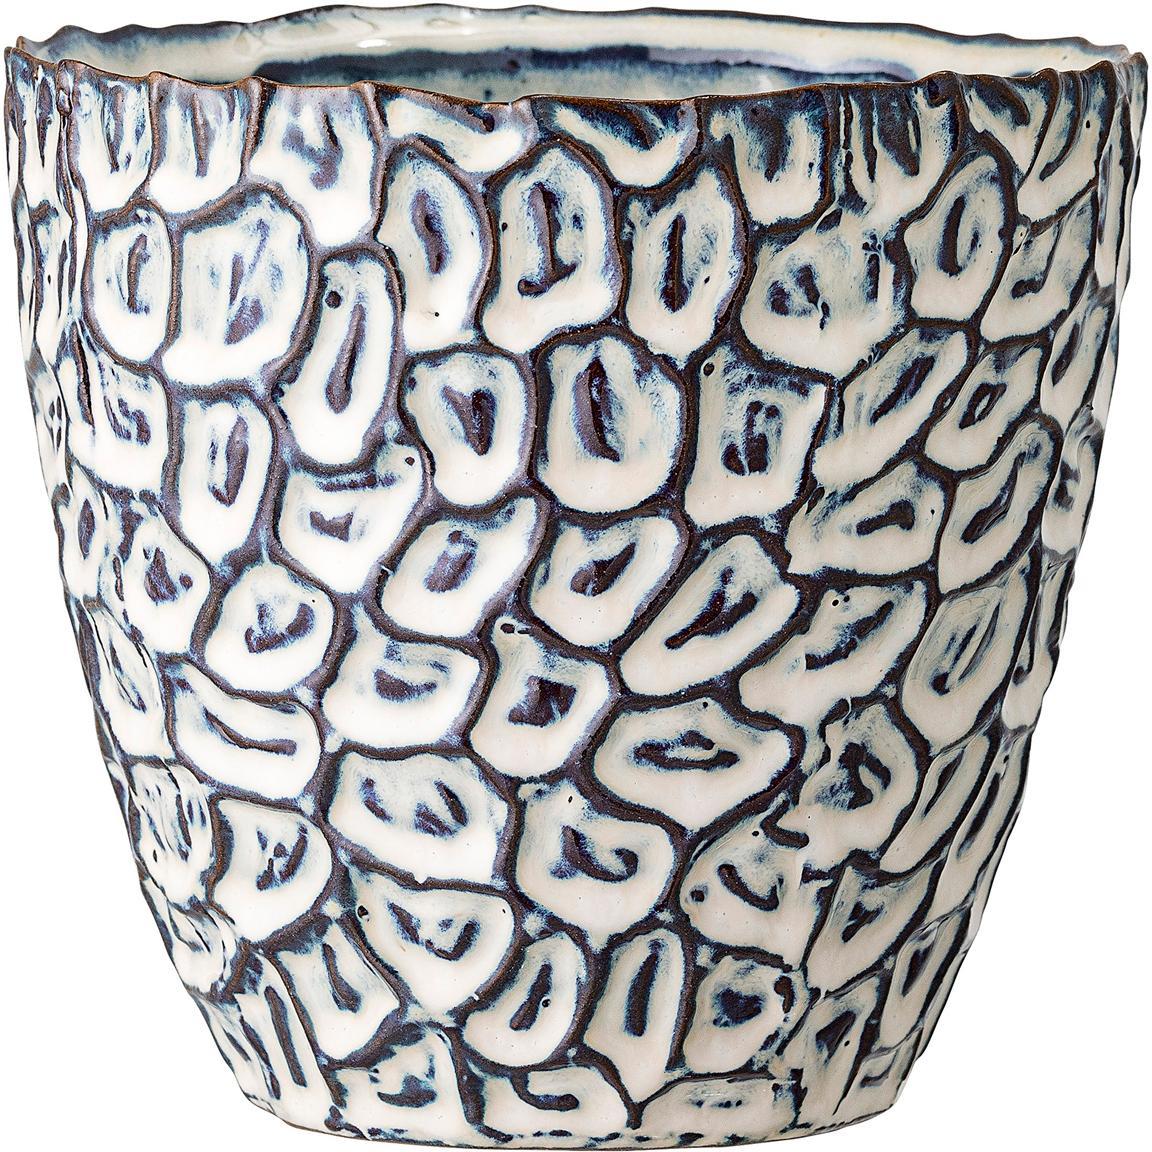 Handgefertigter Übertopf Bonia aus Steingut, Steingut, Weiss, Blau, Ø 14 x H 14 cm